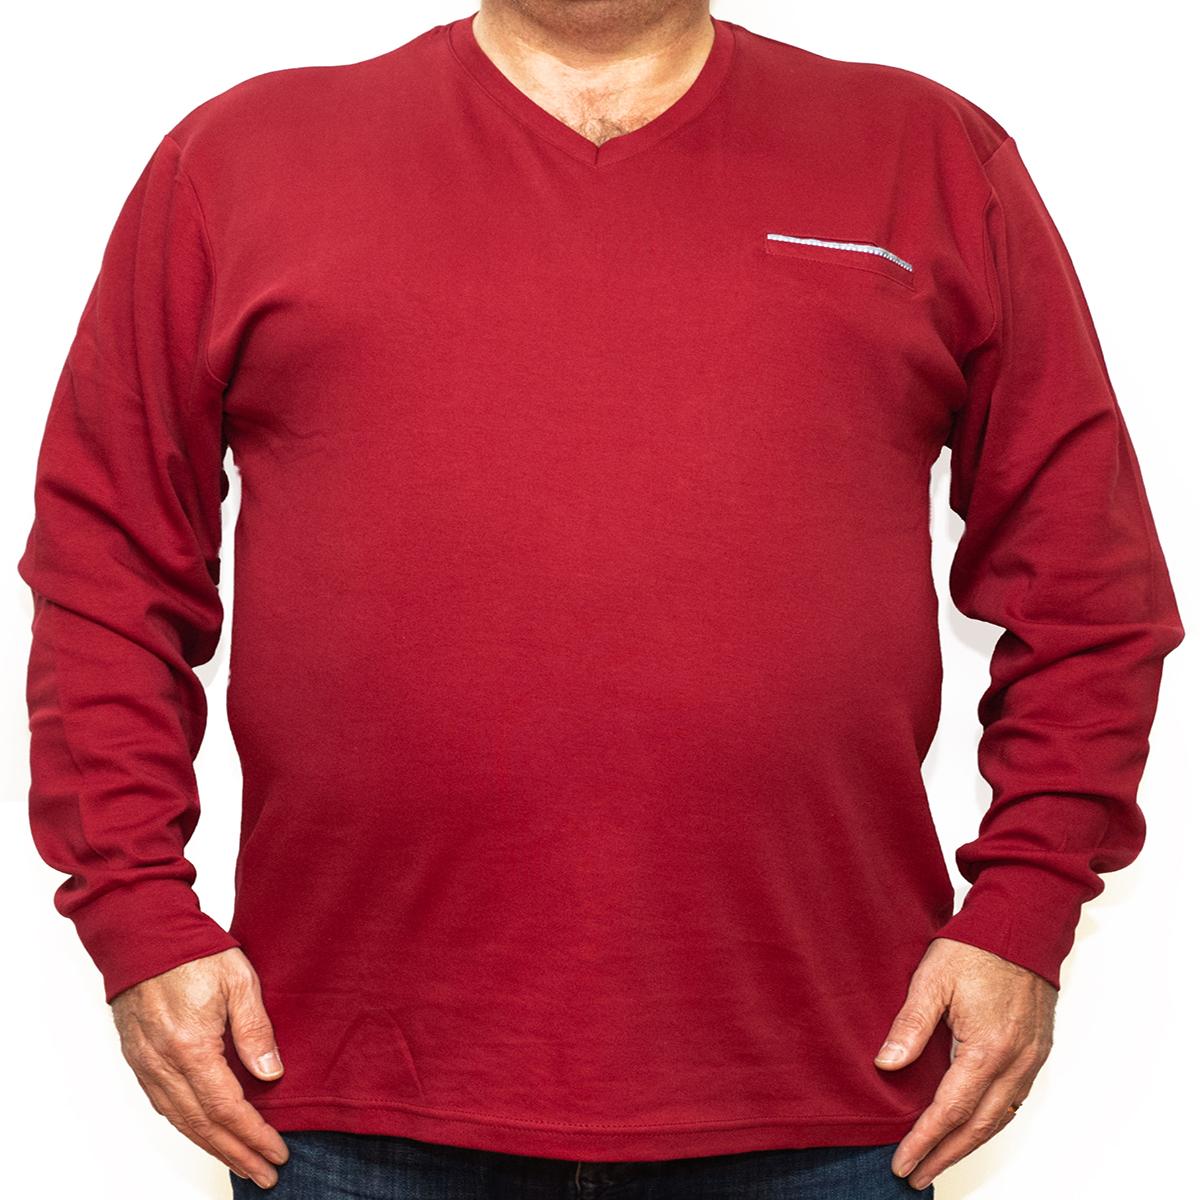 Bluza subtire rosie cu anchior , Marime 6XL - egato.ro